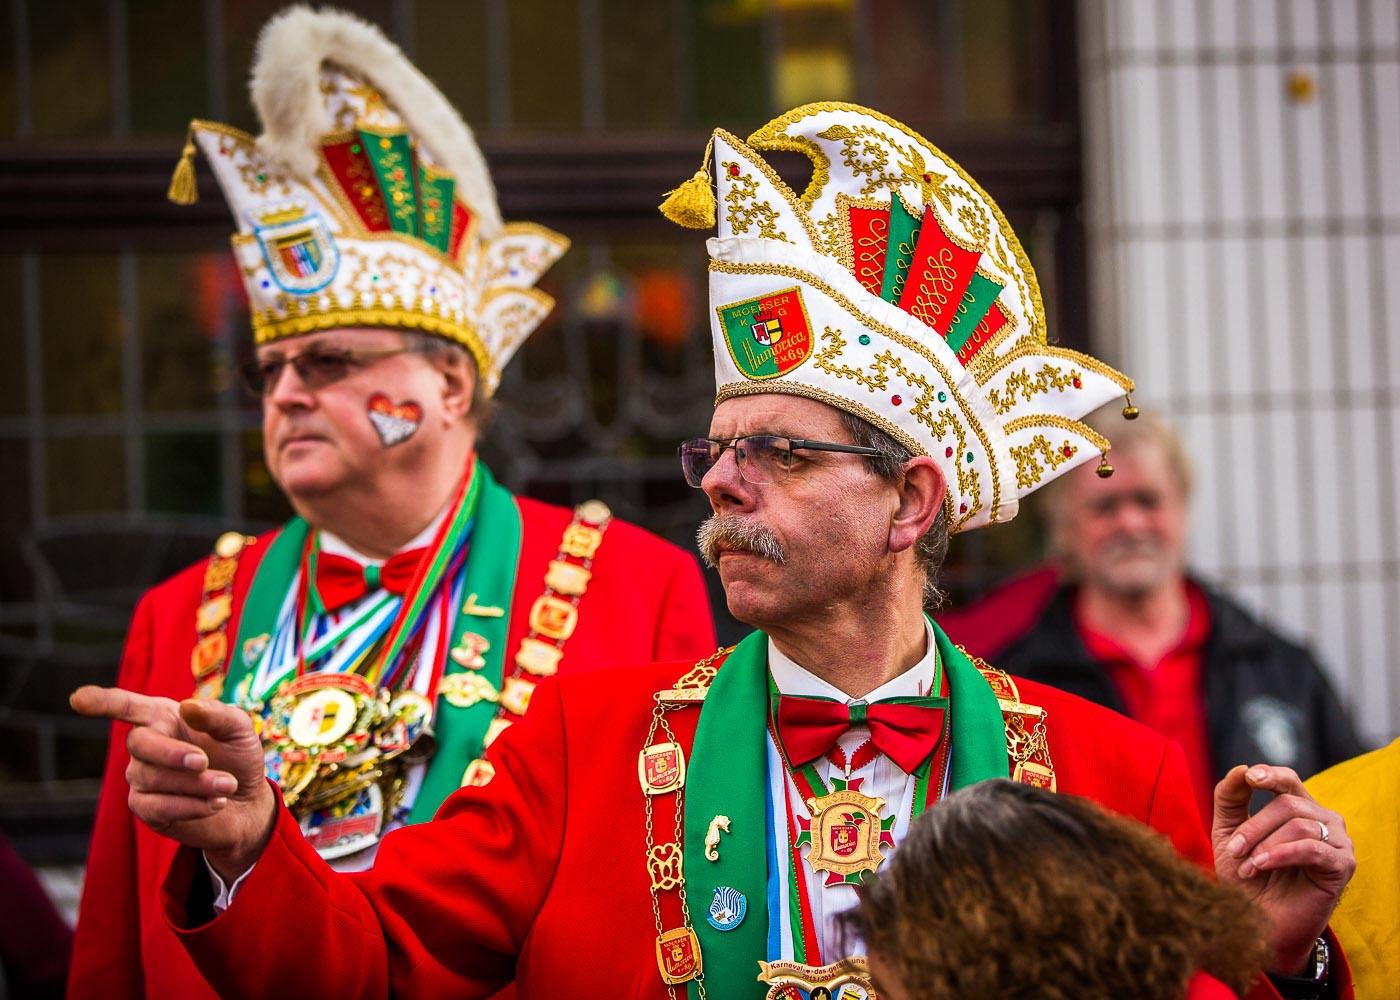 foto-festival-karneval-124